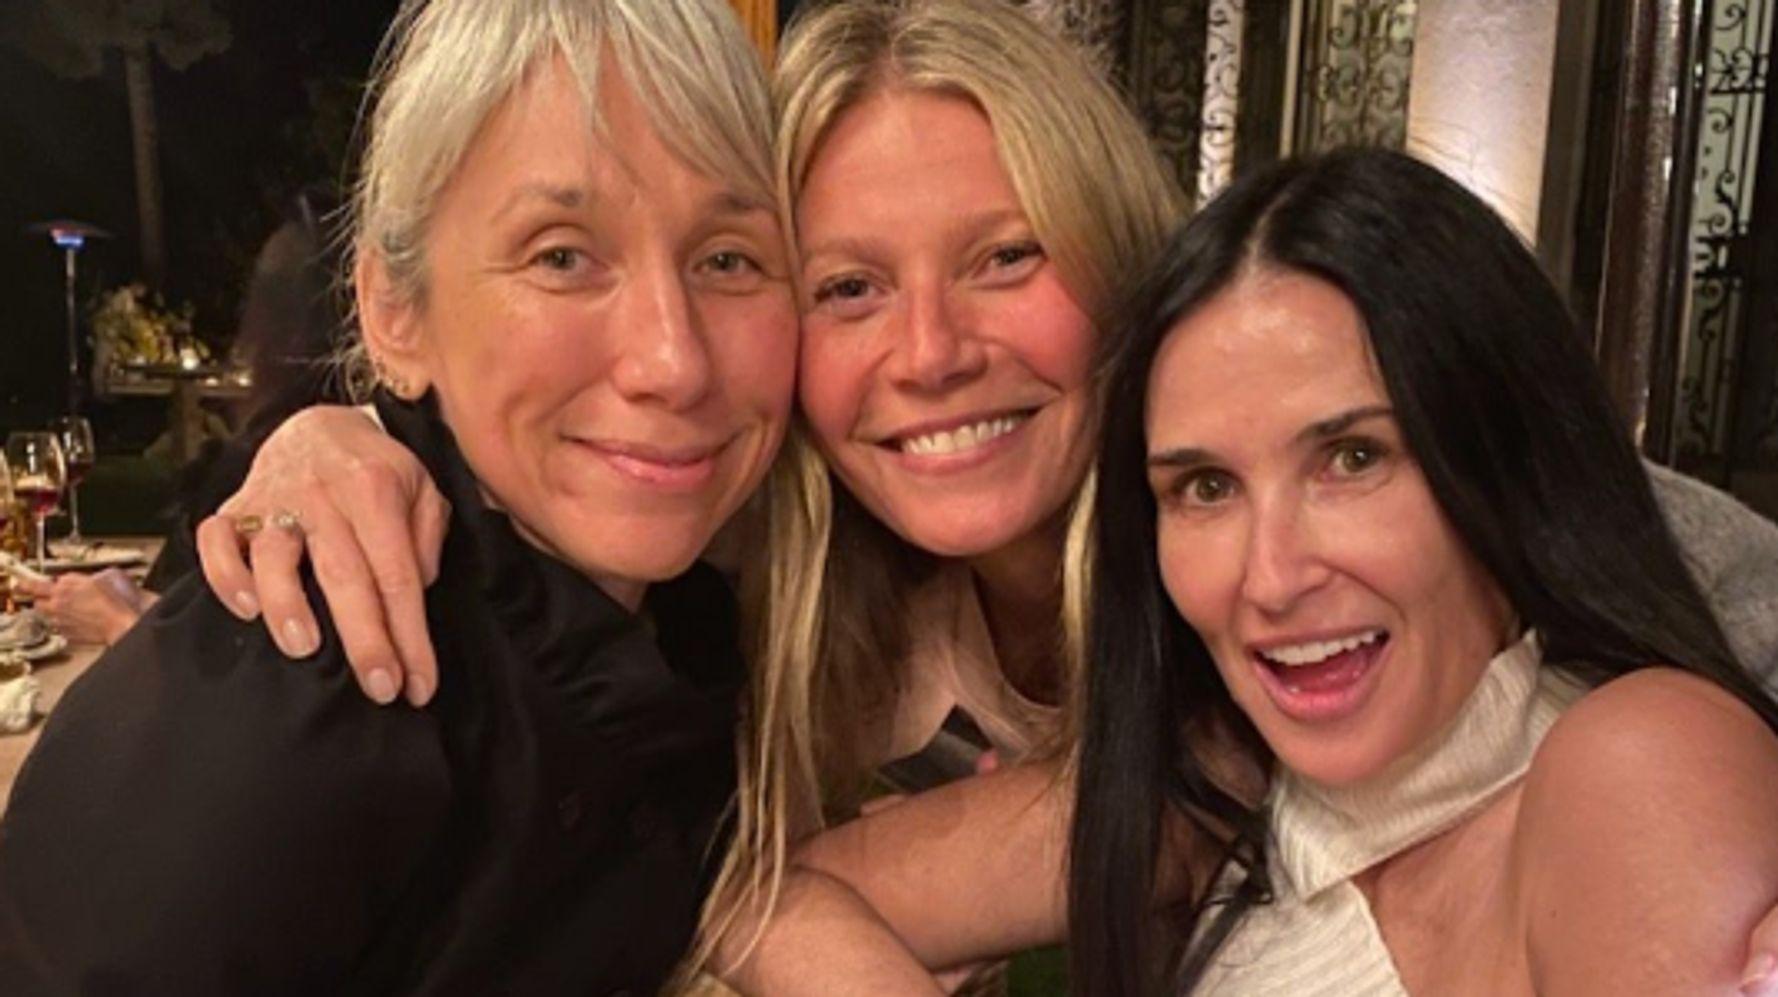 Lorsque Gwyneth Paltrow organise une soirée de stars sans maquillage